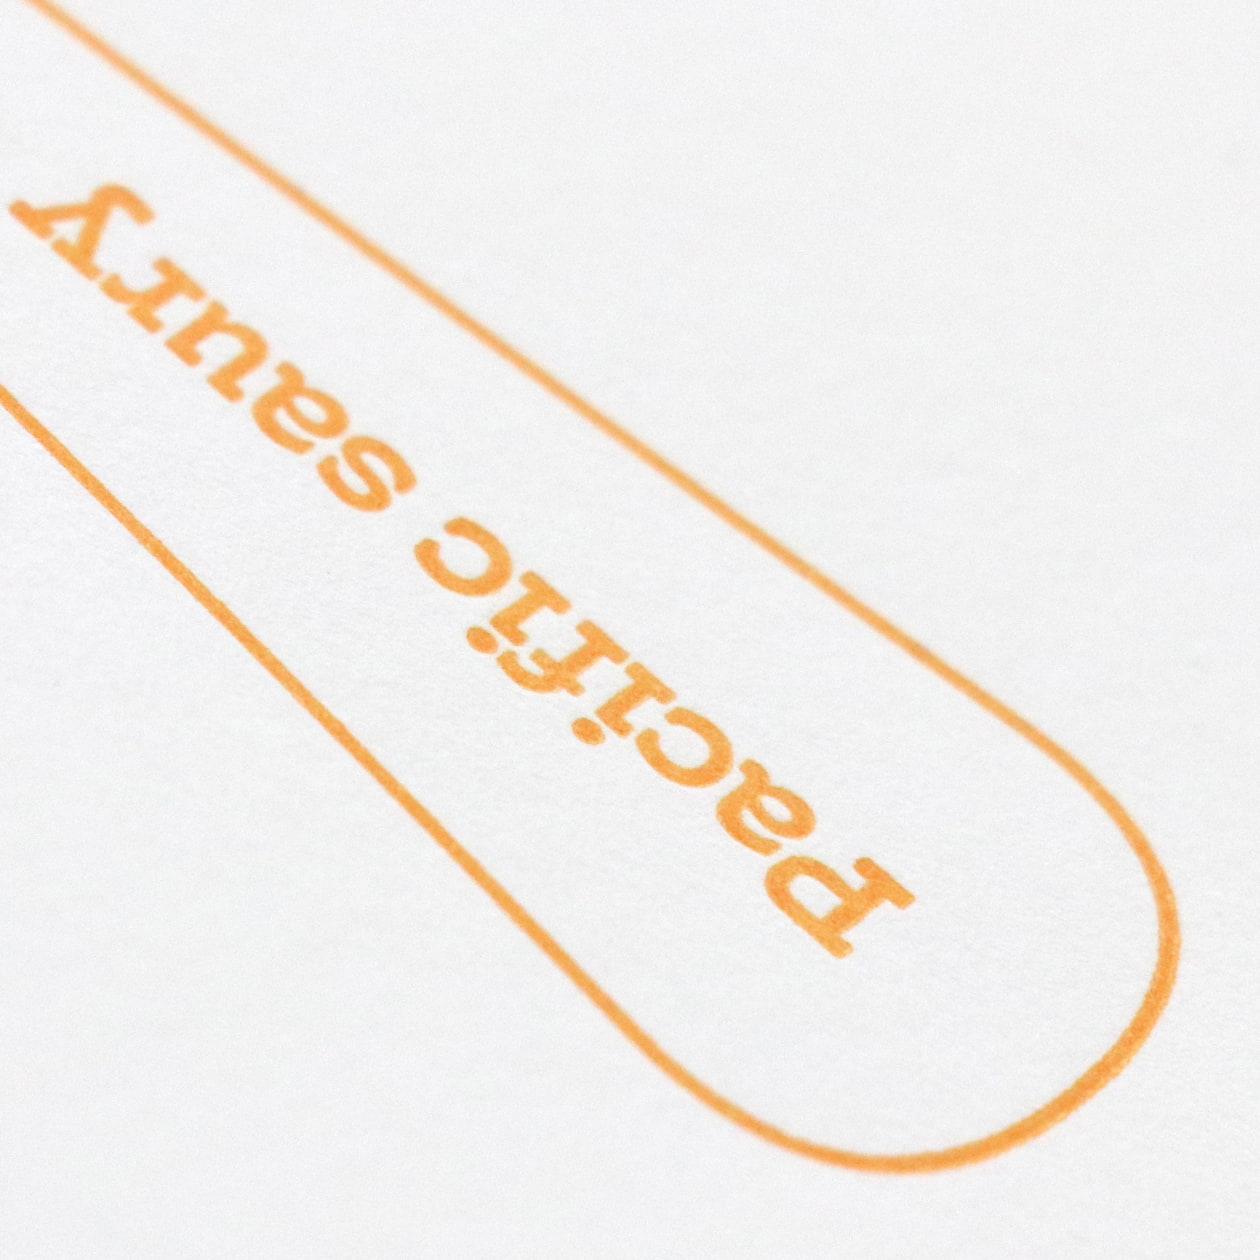 厚紙の表紙×活版印刷があたたかみのある印象 カトラリーブランドの商品パンフレット